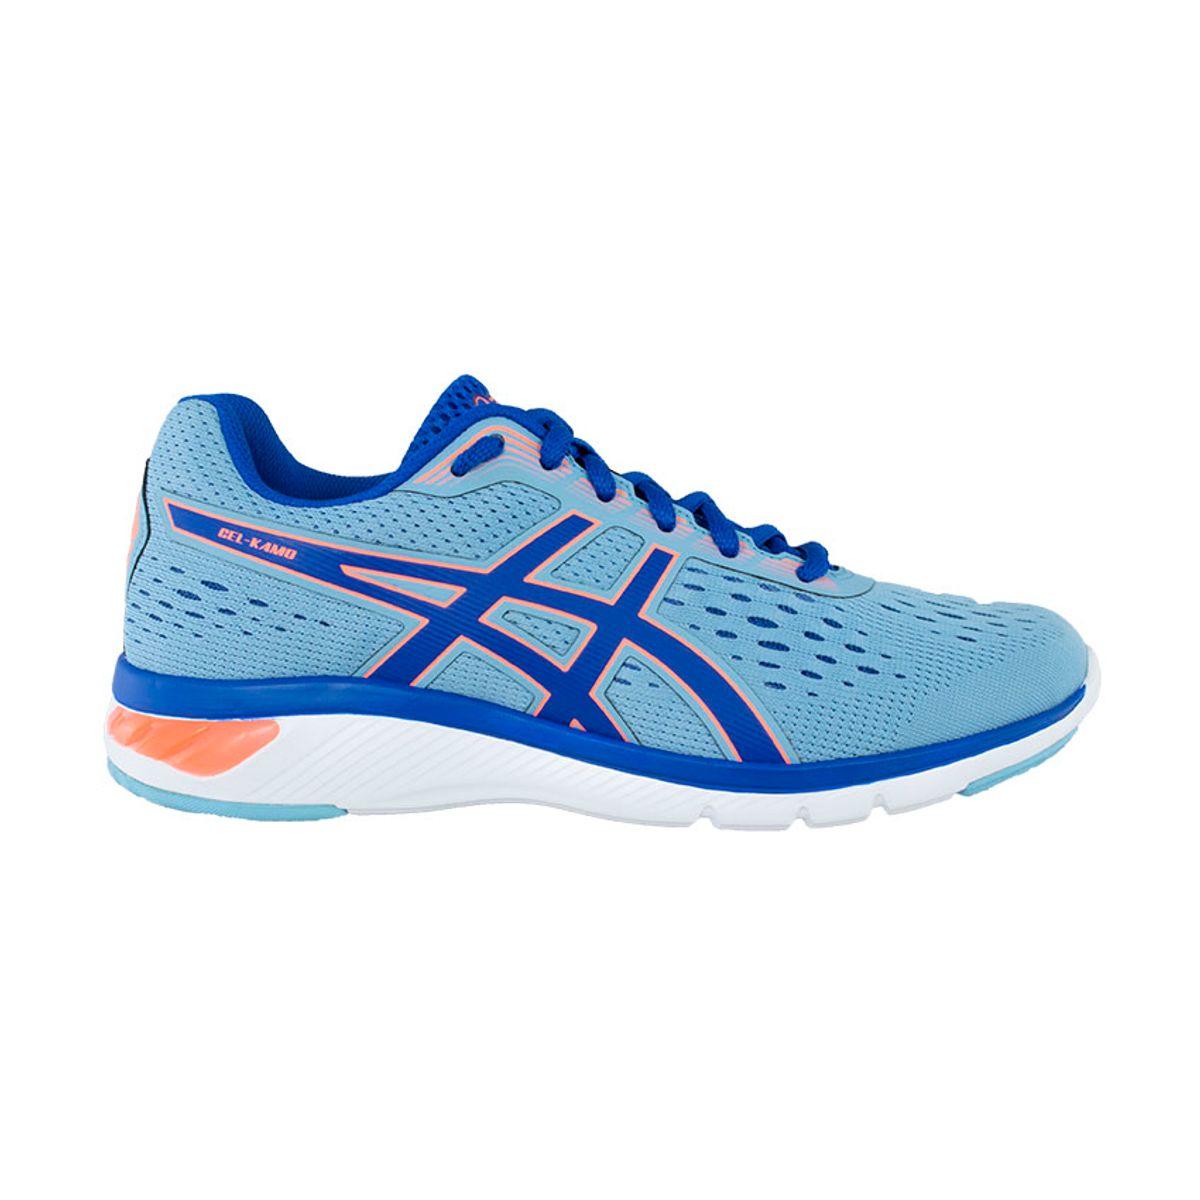 Tenis-Asics-GEL-Kamo---Feminino---Azul-com-Azul-Marinho-e-Branco